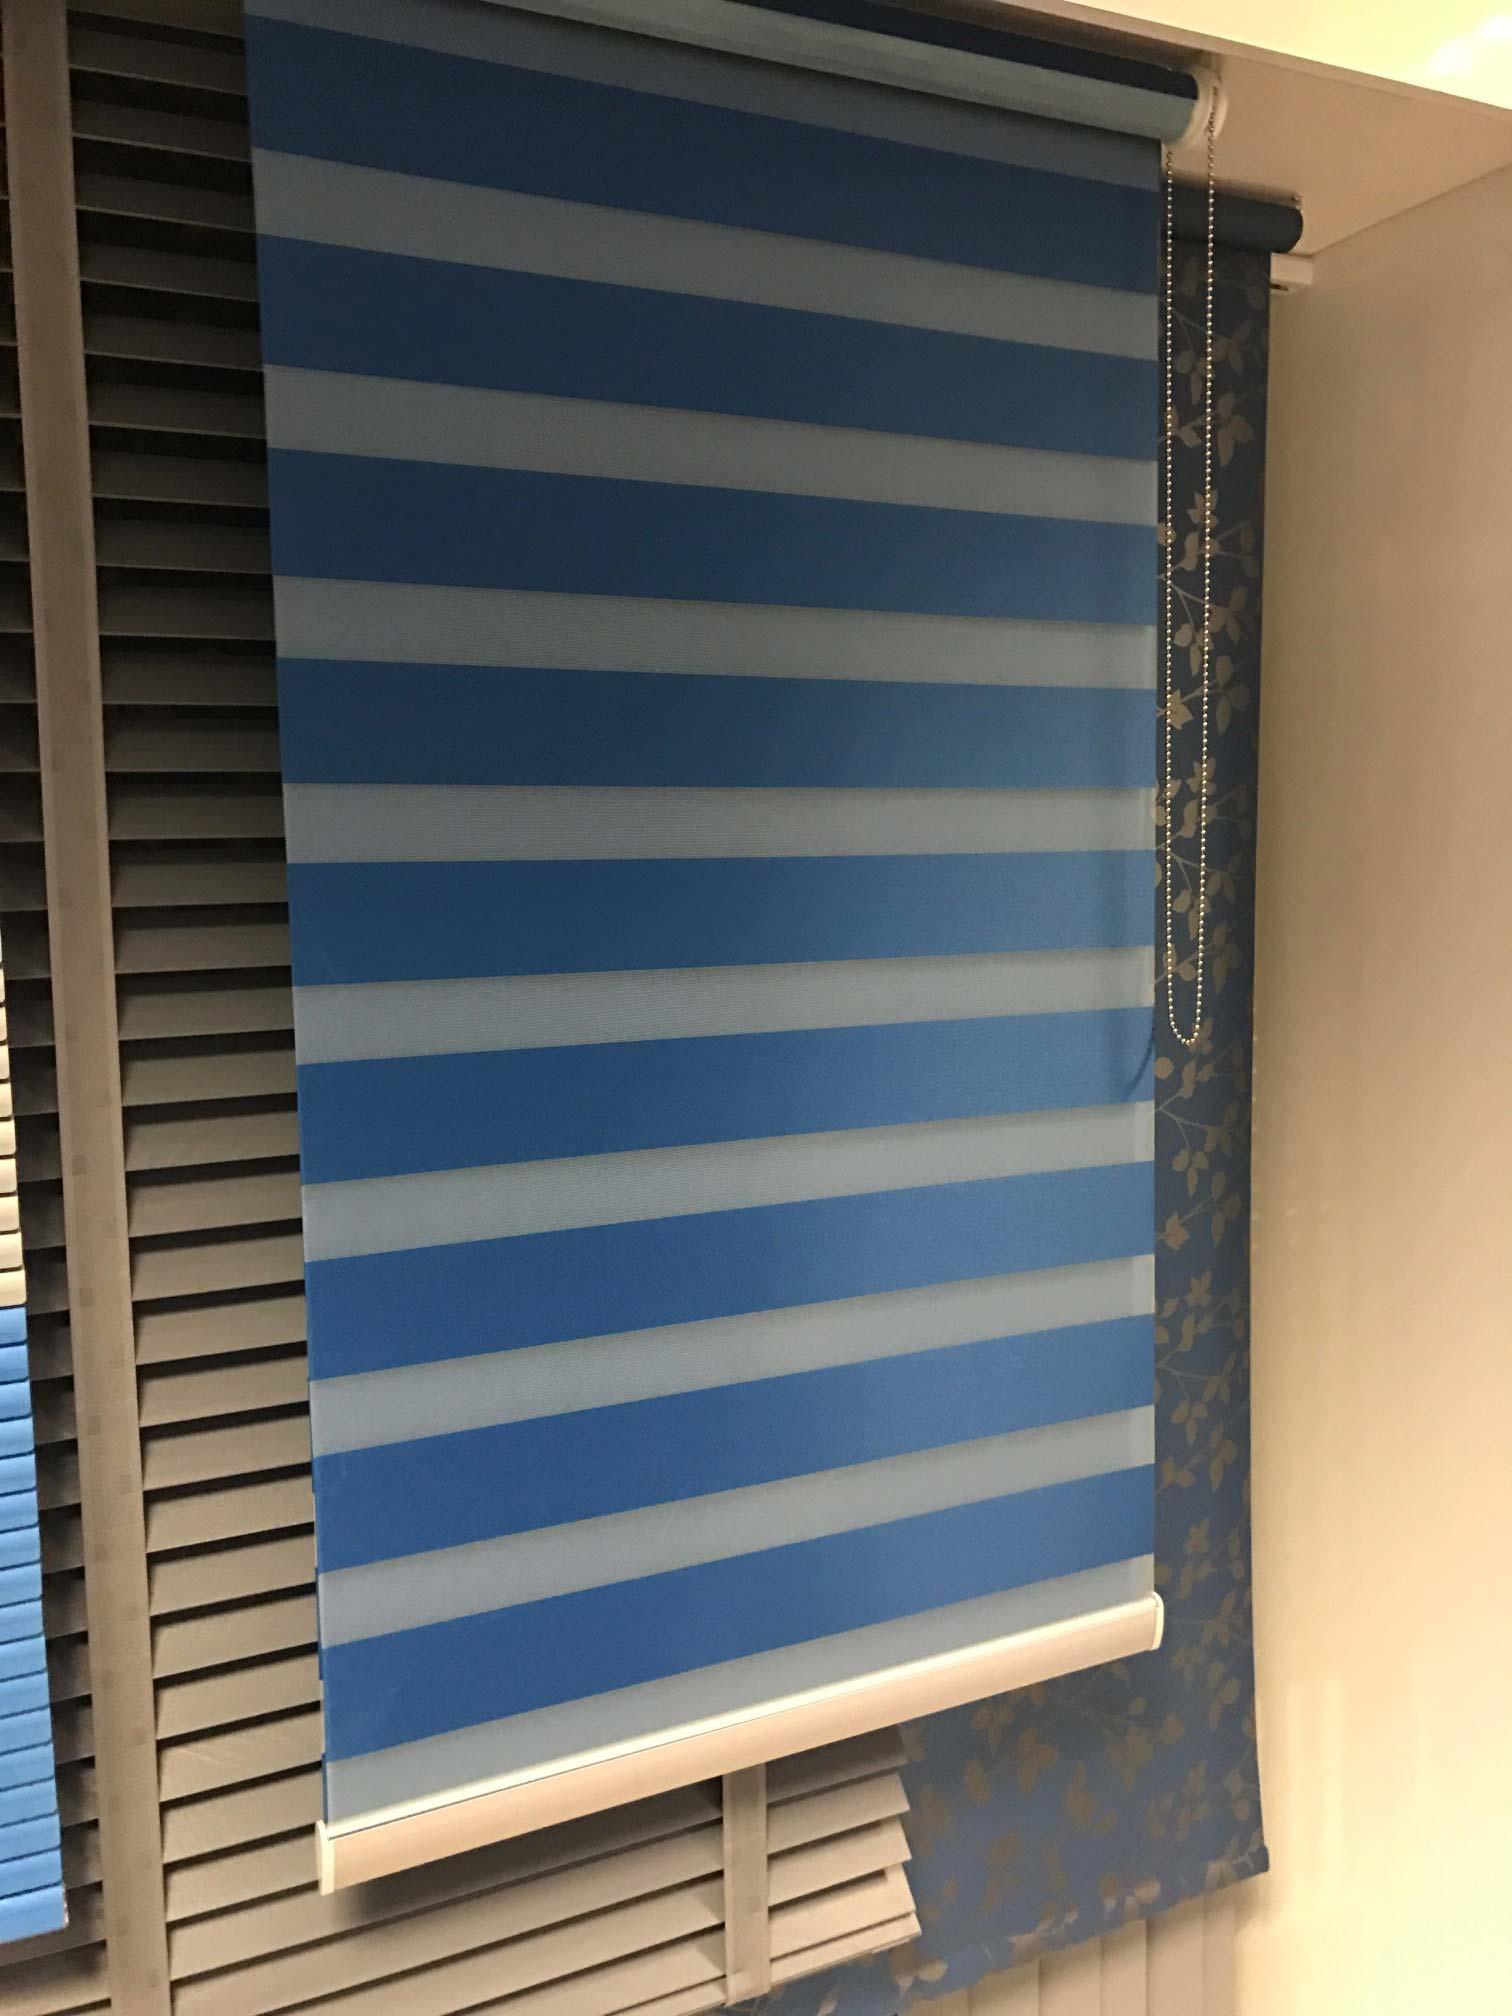 Full Size of Fensterrollo Innen Sonnenschutzfolie Fenster Jalousien Sonnenschutz Jalousie Küche Gewinnen Sprüche T Shirt Junggesellinnenabschied Wohnzimmer Fensterrollo Innen